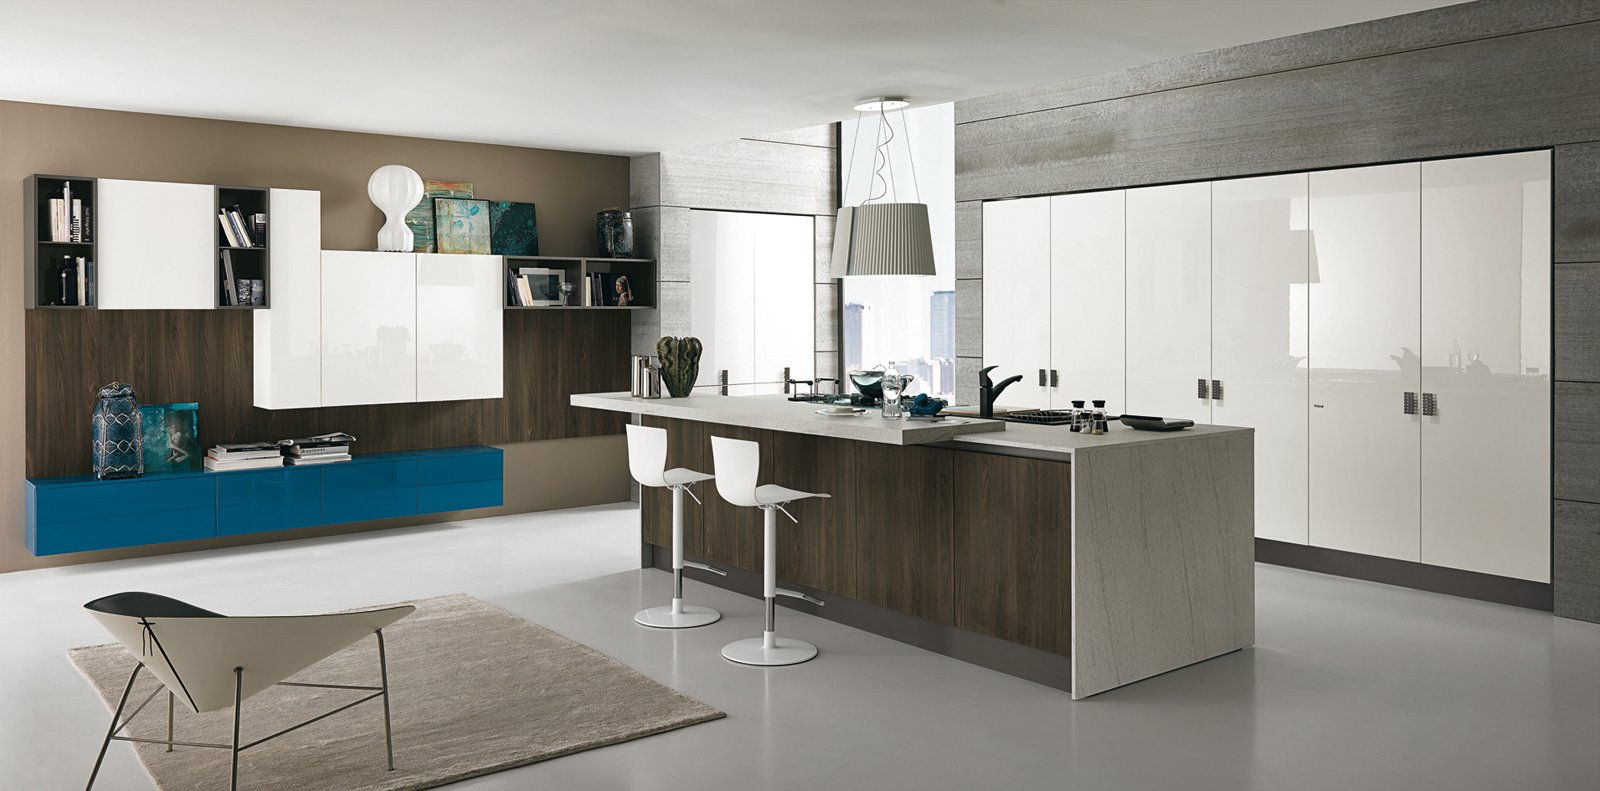 Per Creare Un'armoniosa Unione Con L'ambiente Living. Il Legno Con  #024C6A 1600 791 Cucine Veneta Con Isola